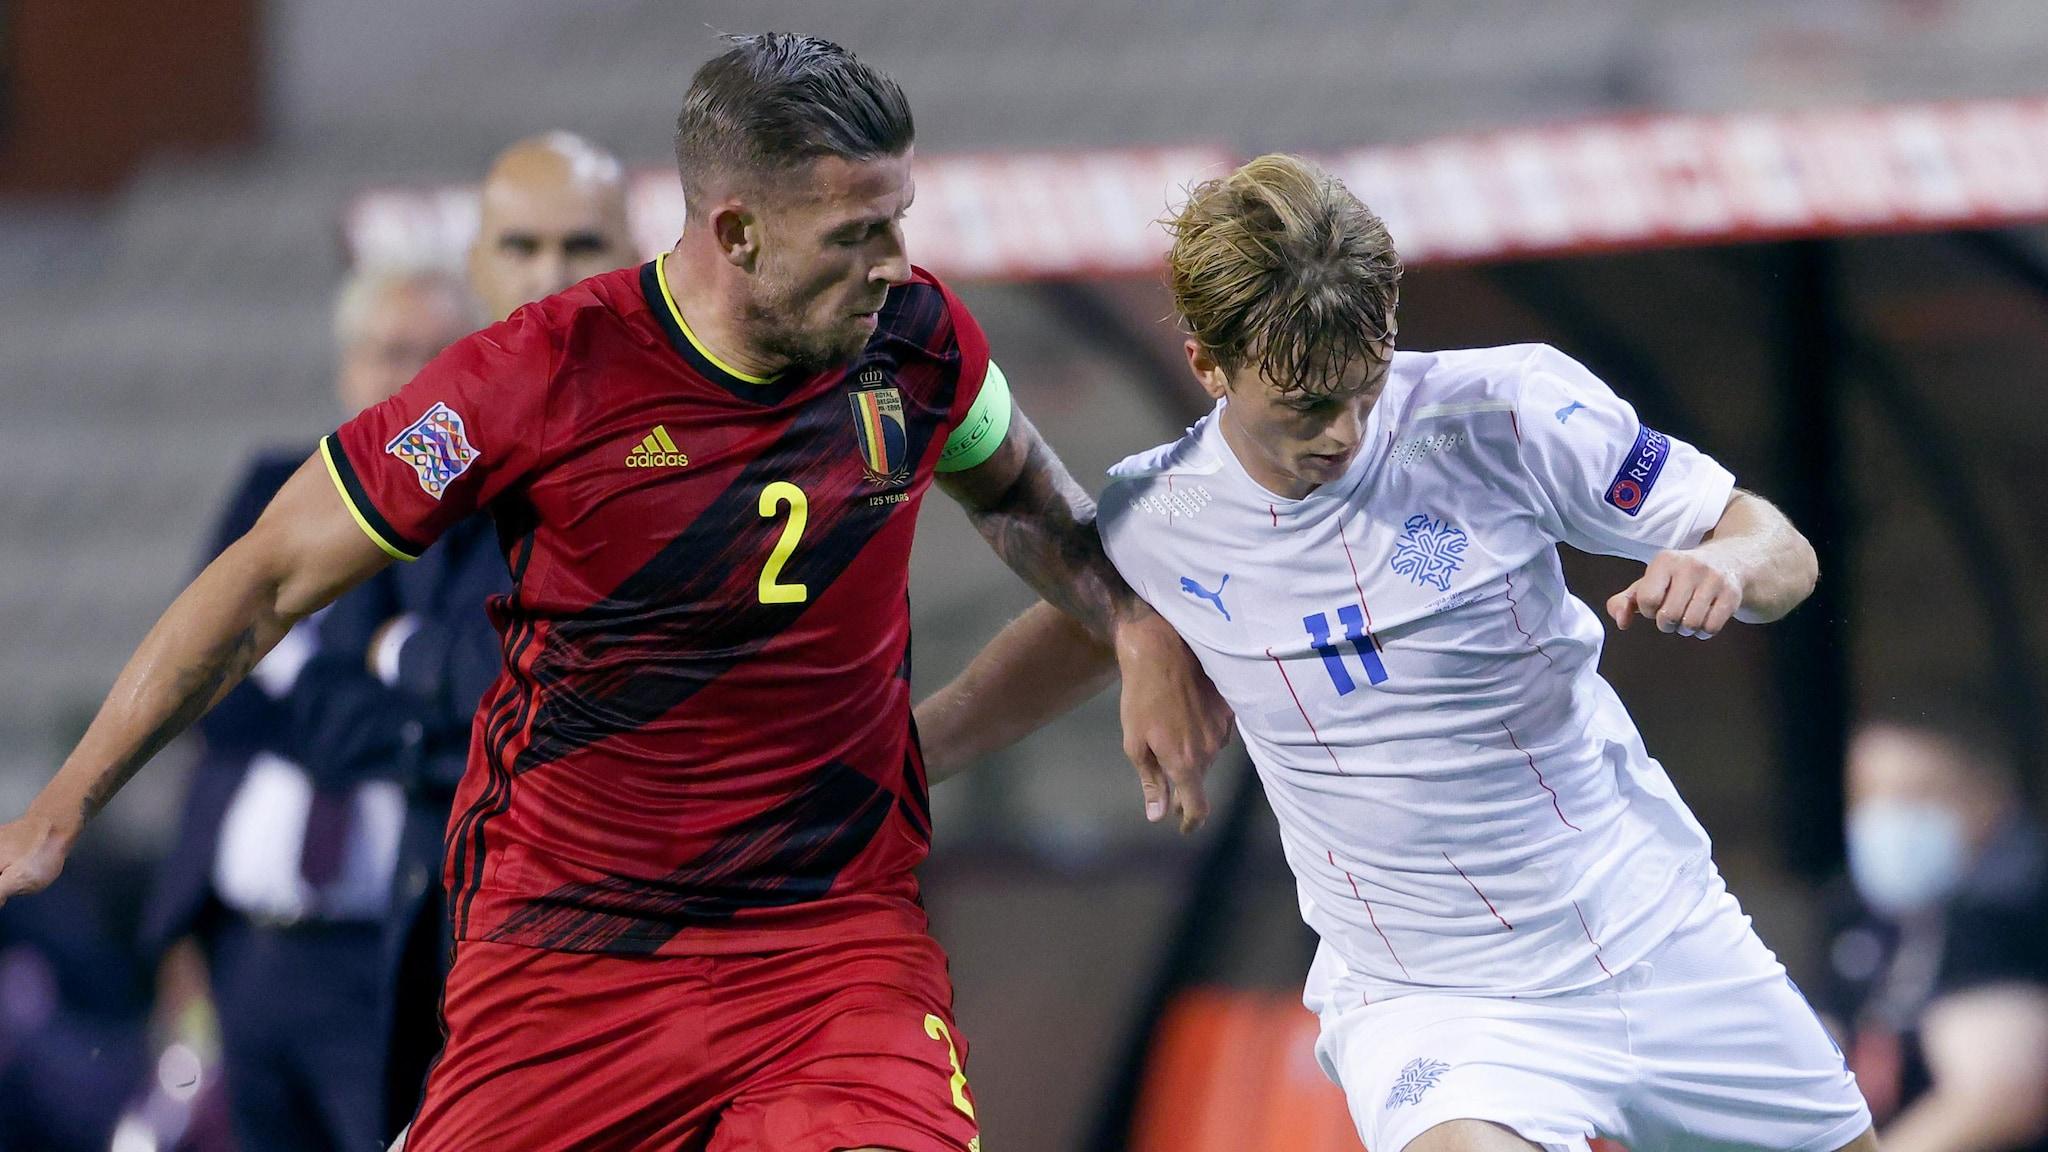 Islande-Belgique en Nations League, présentation du match